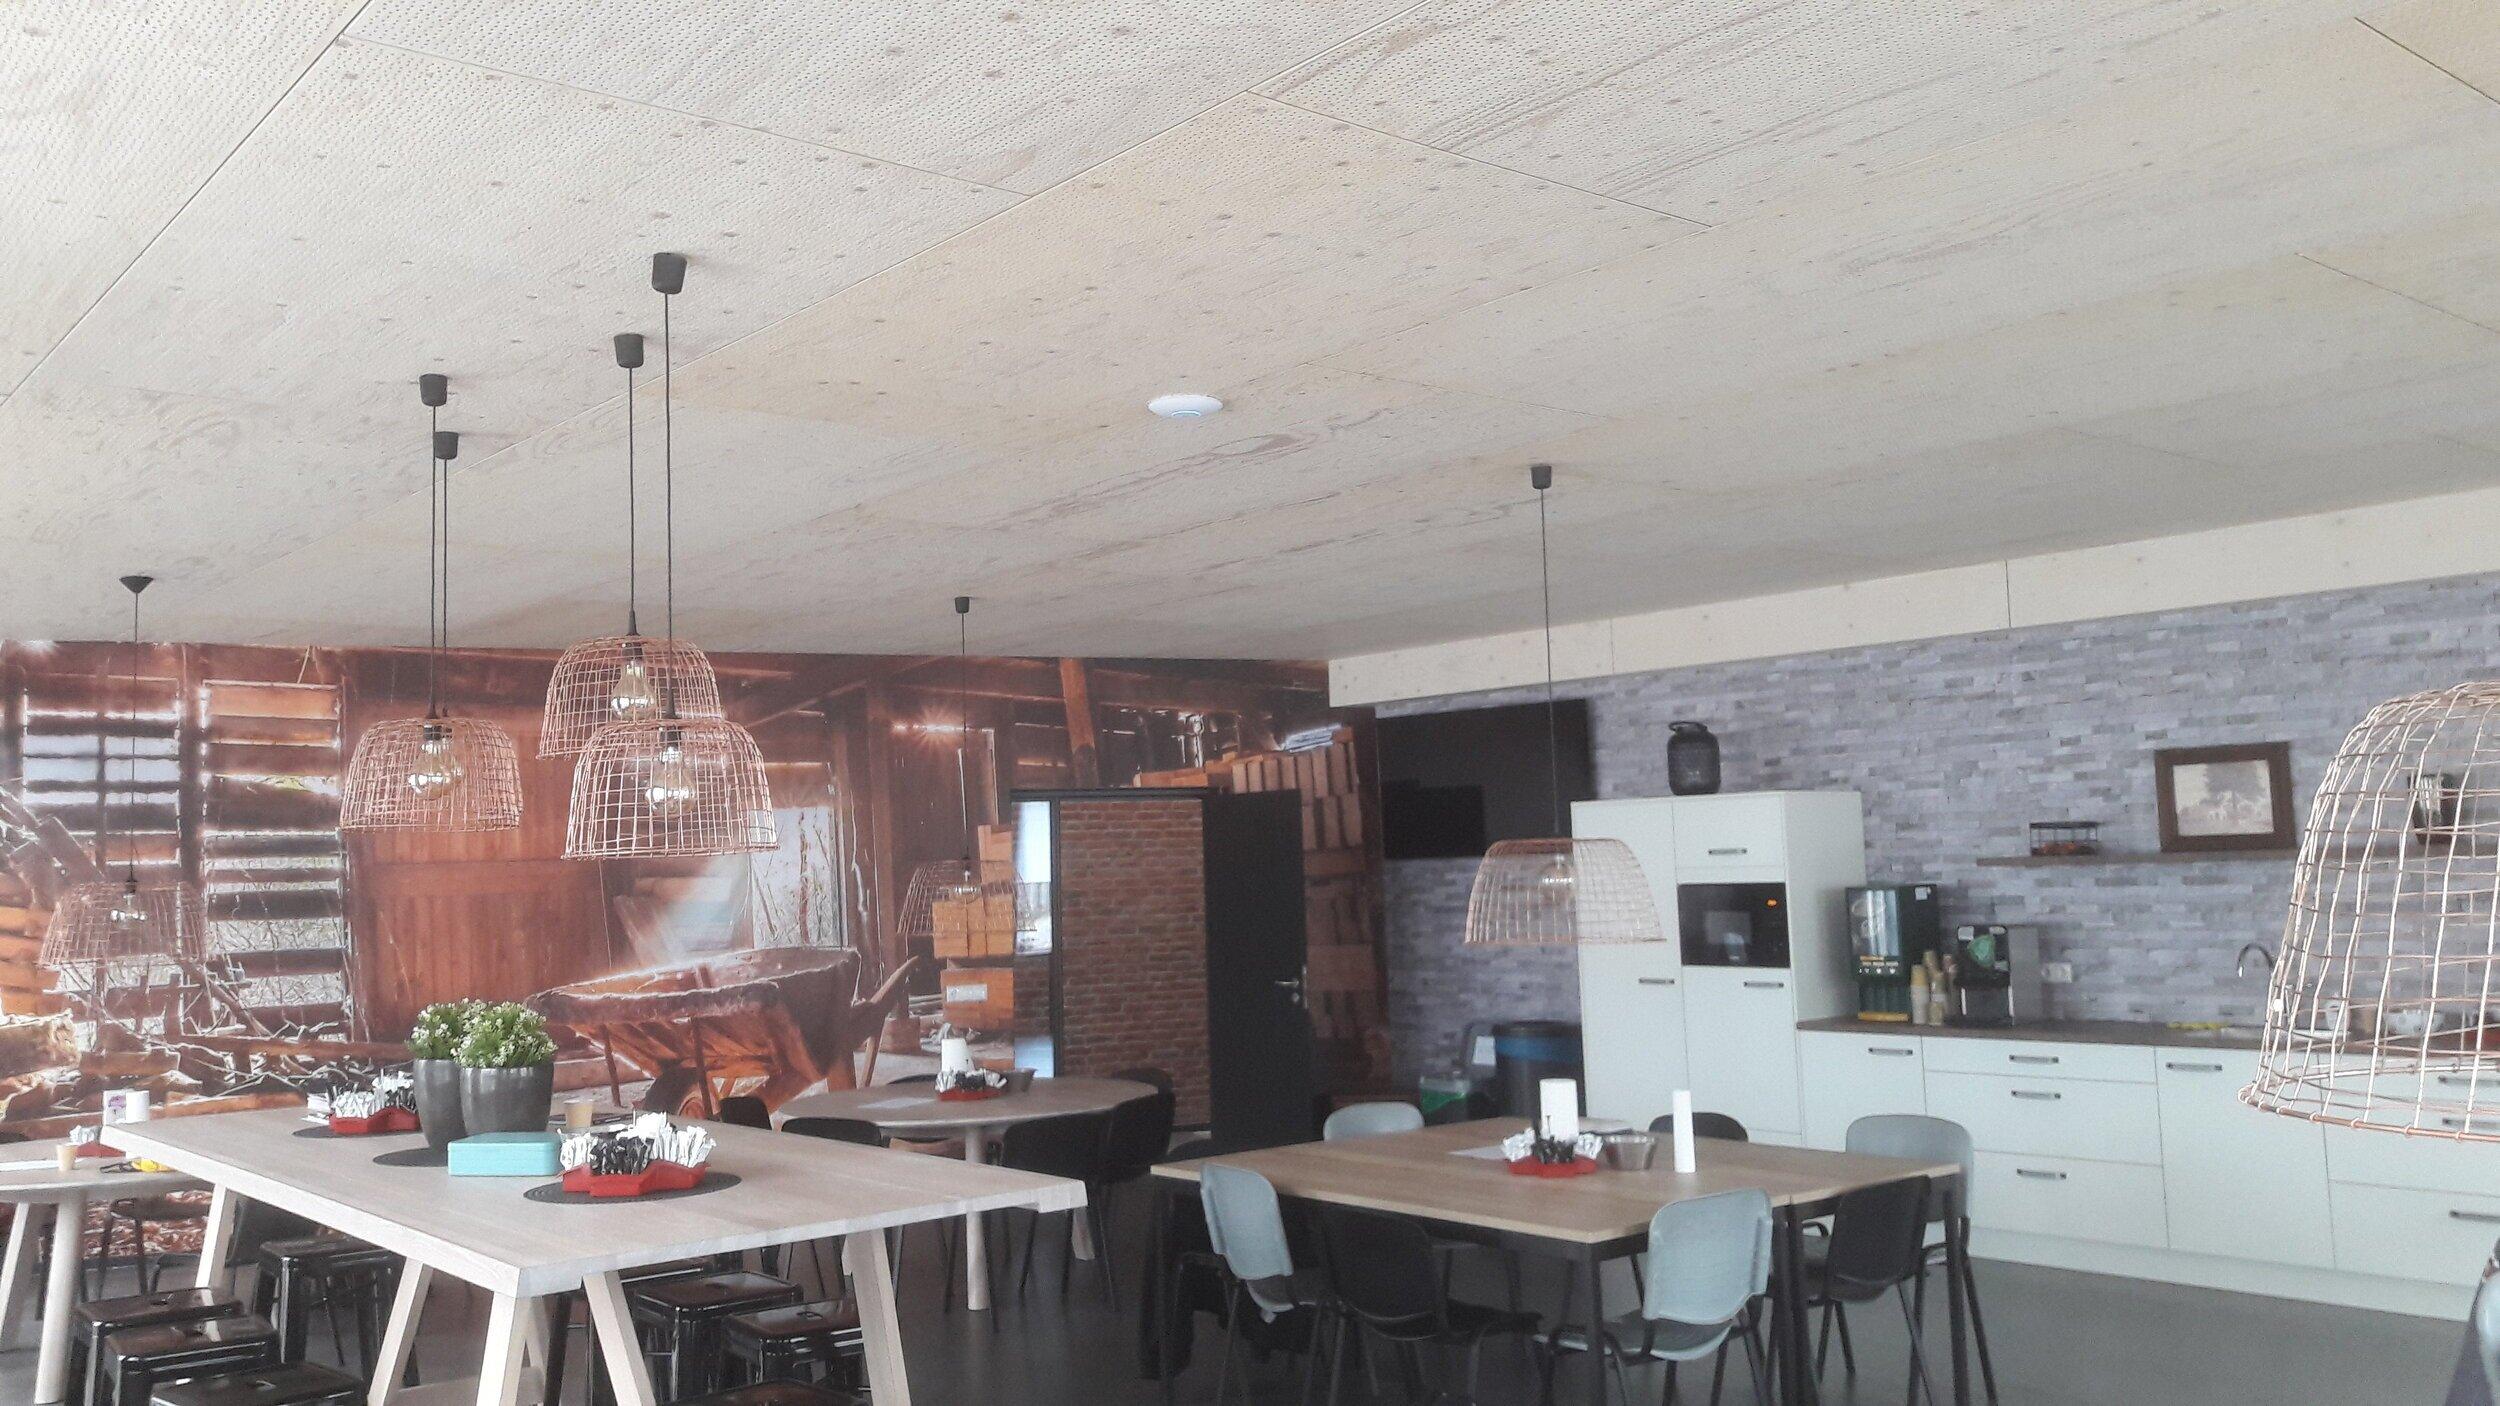 Bedrijfskantine met random geperforeerd plafond